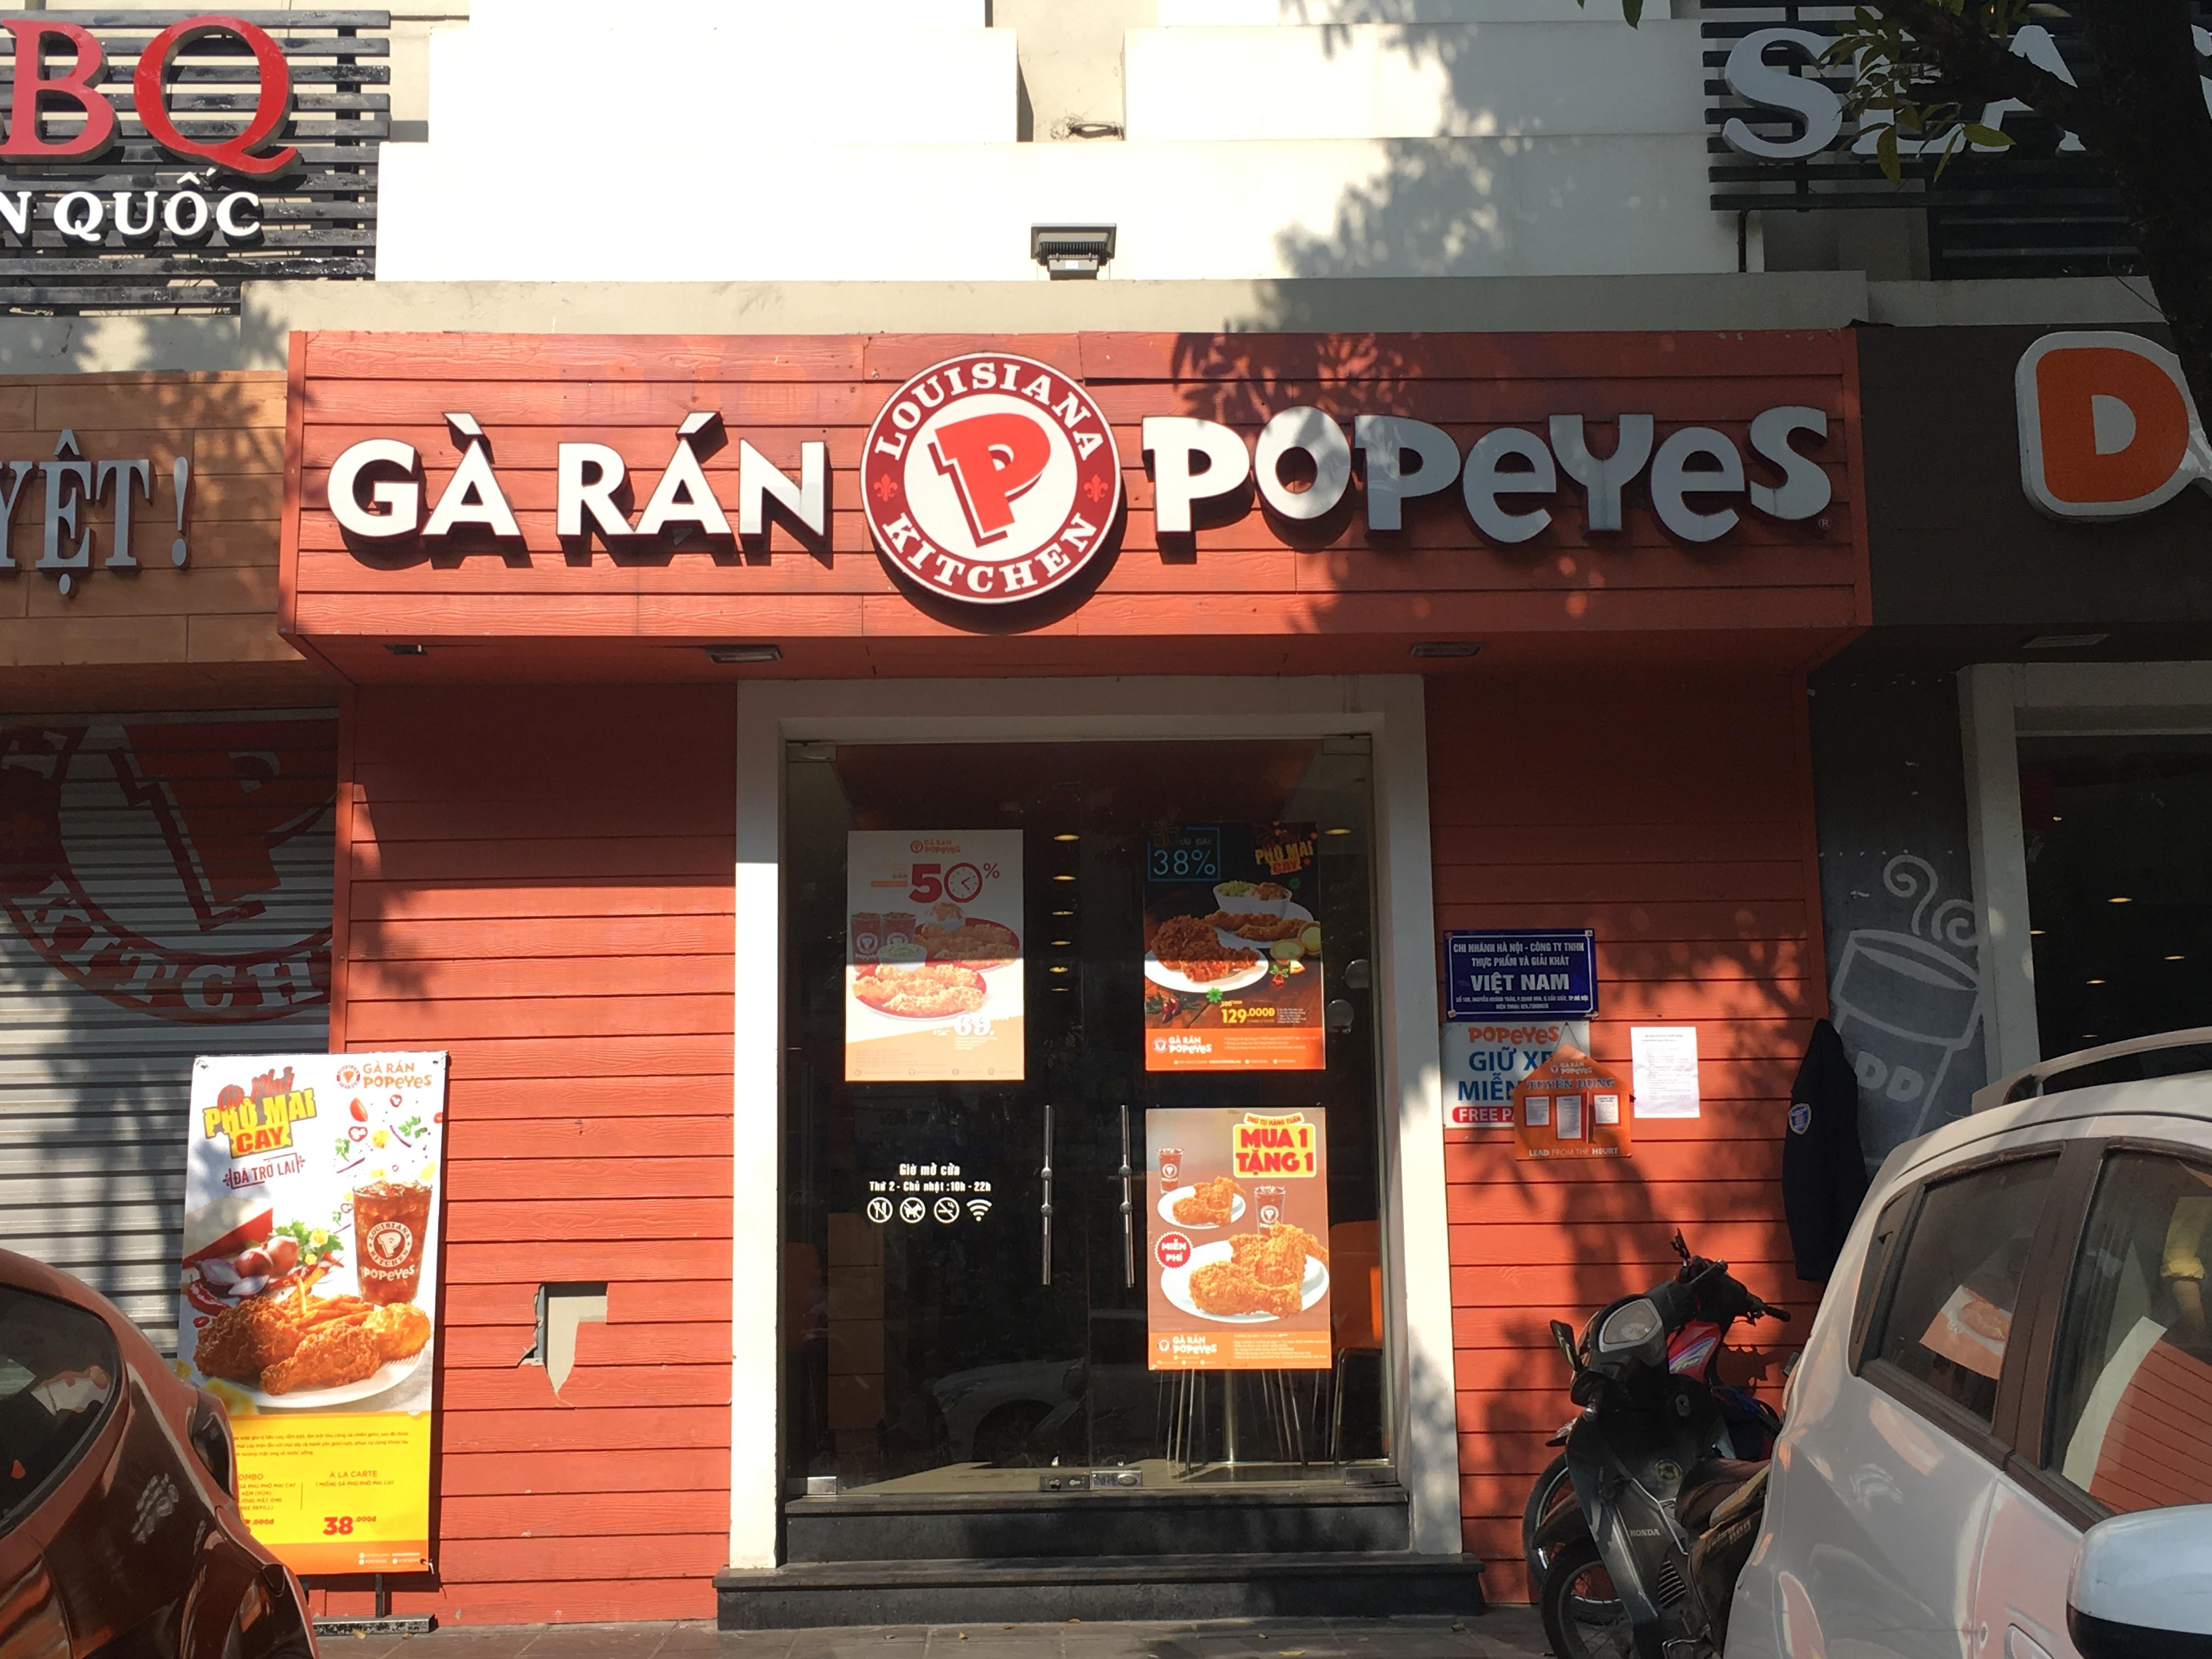 Sôi động thị trường đồ ăn nhanh Việt Nam 6